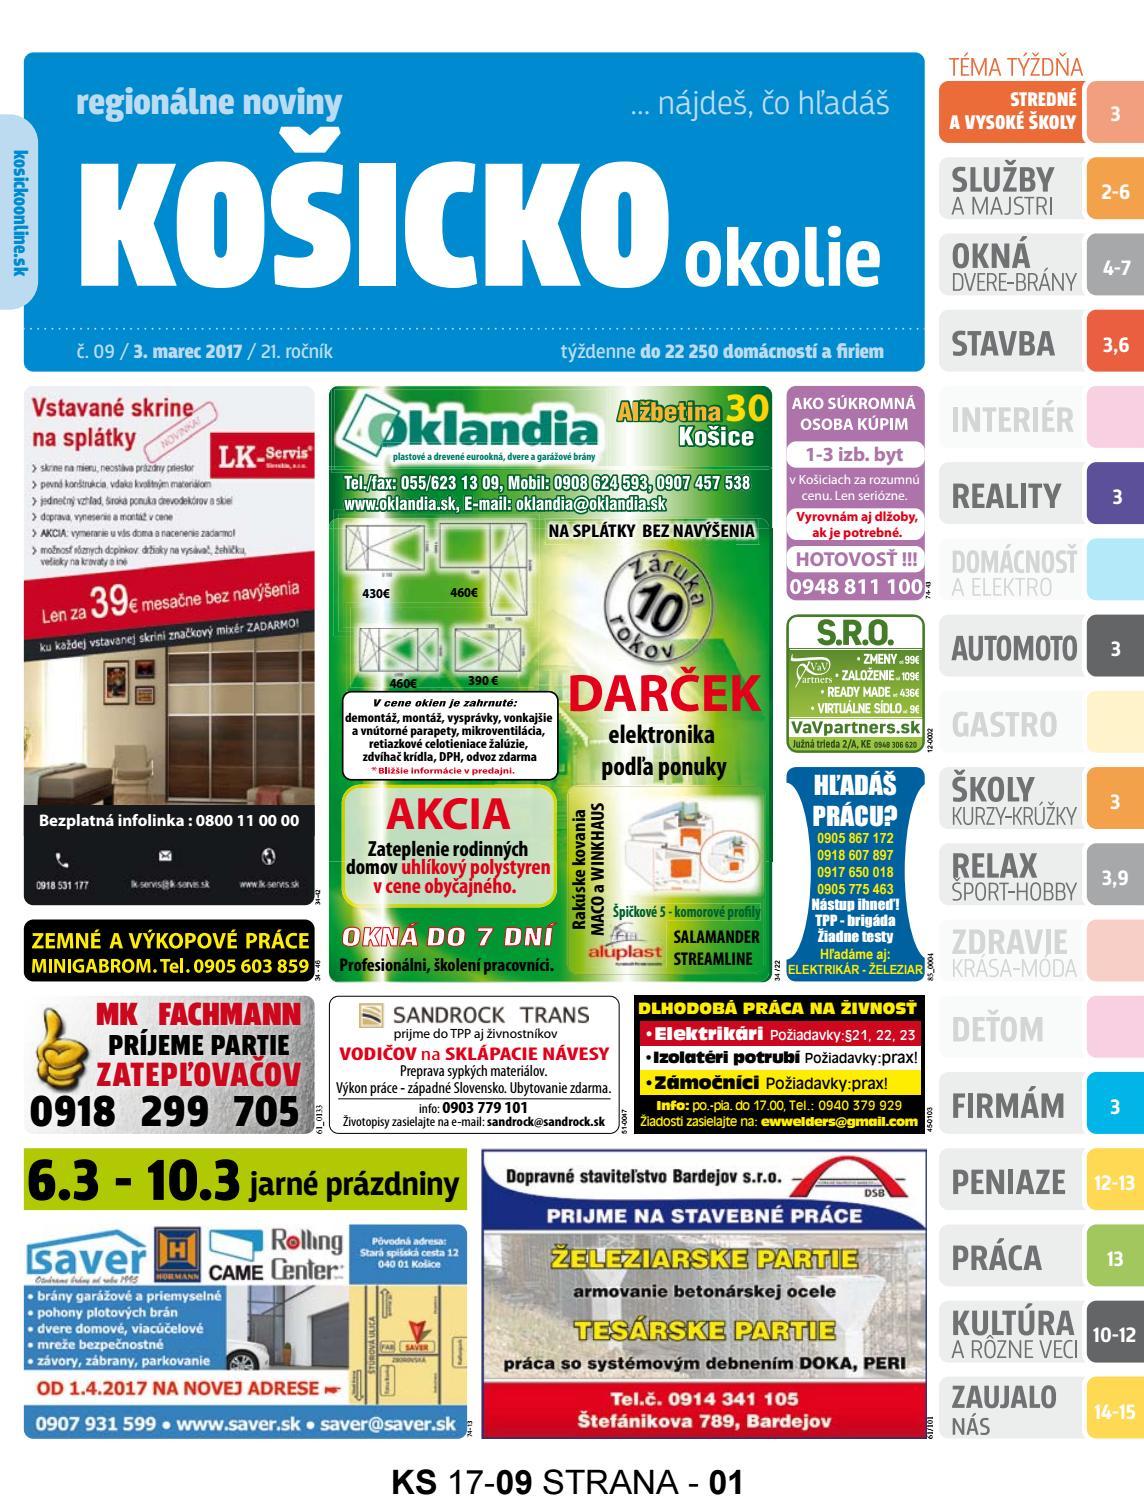 Zoznamka poľskej stránky